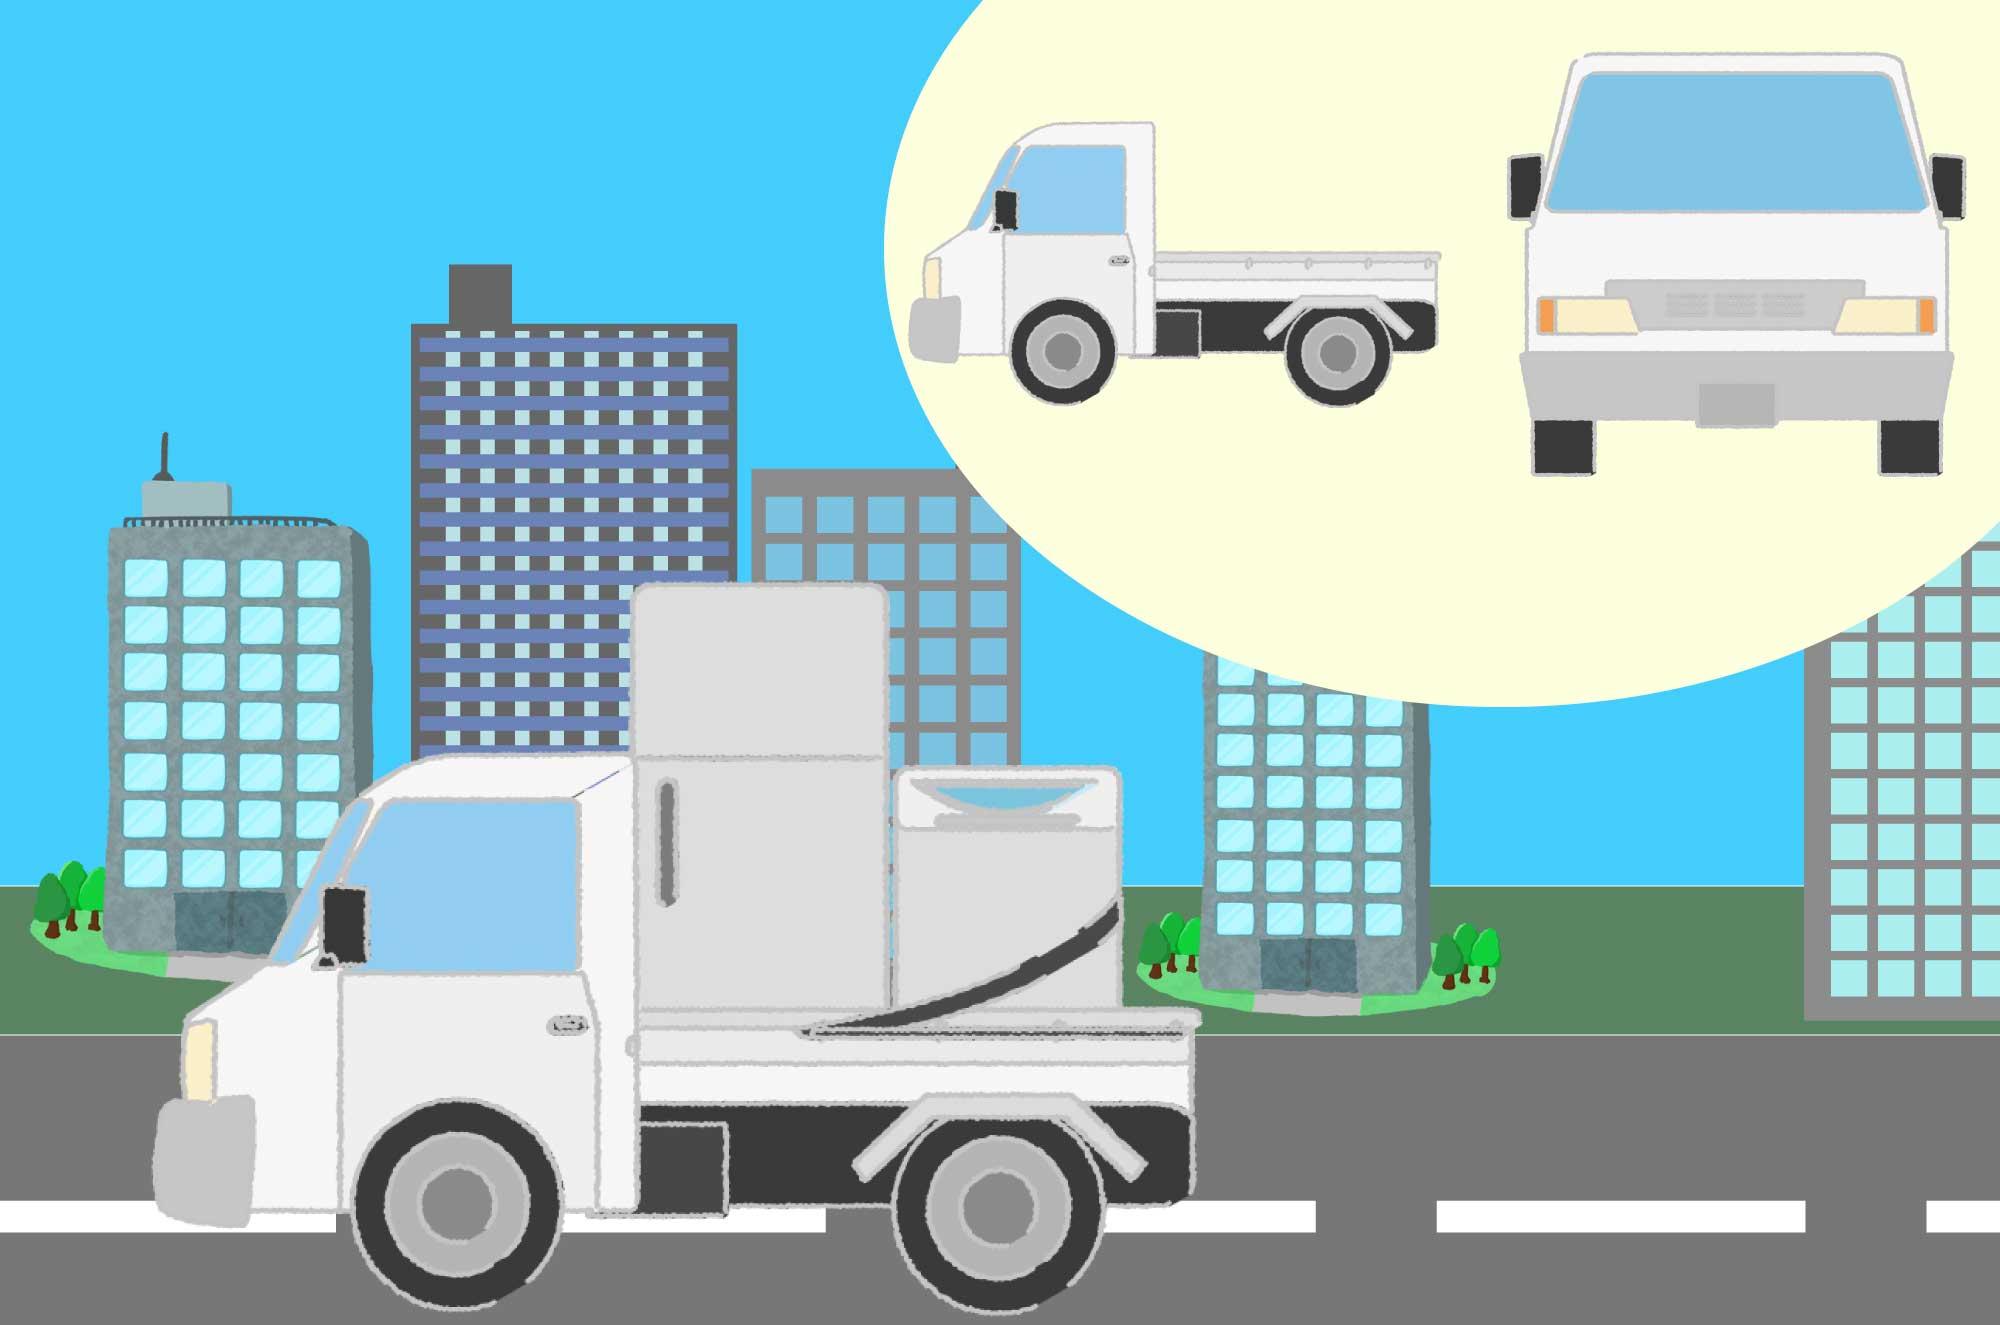 可愛い軽トラックのイラスト - 町の乗り物無料素材